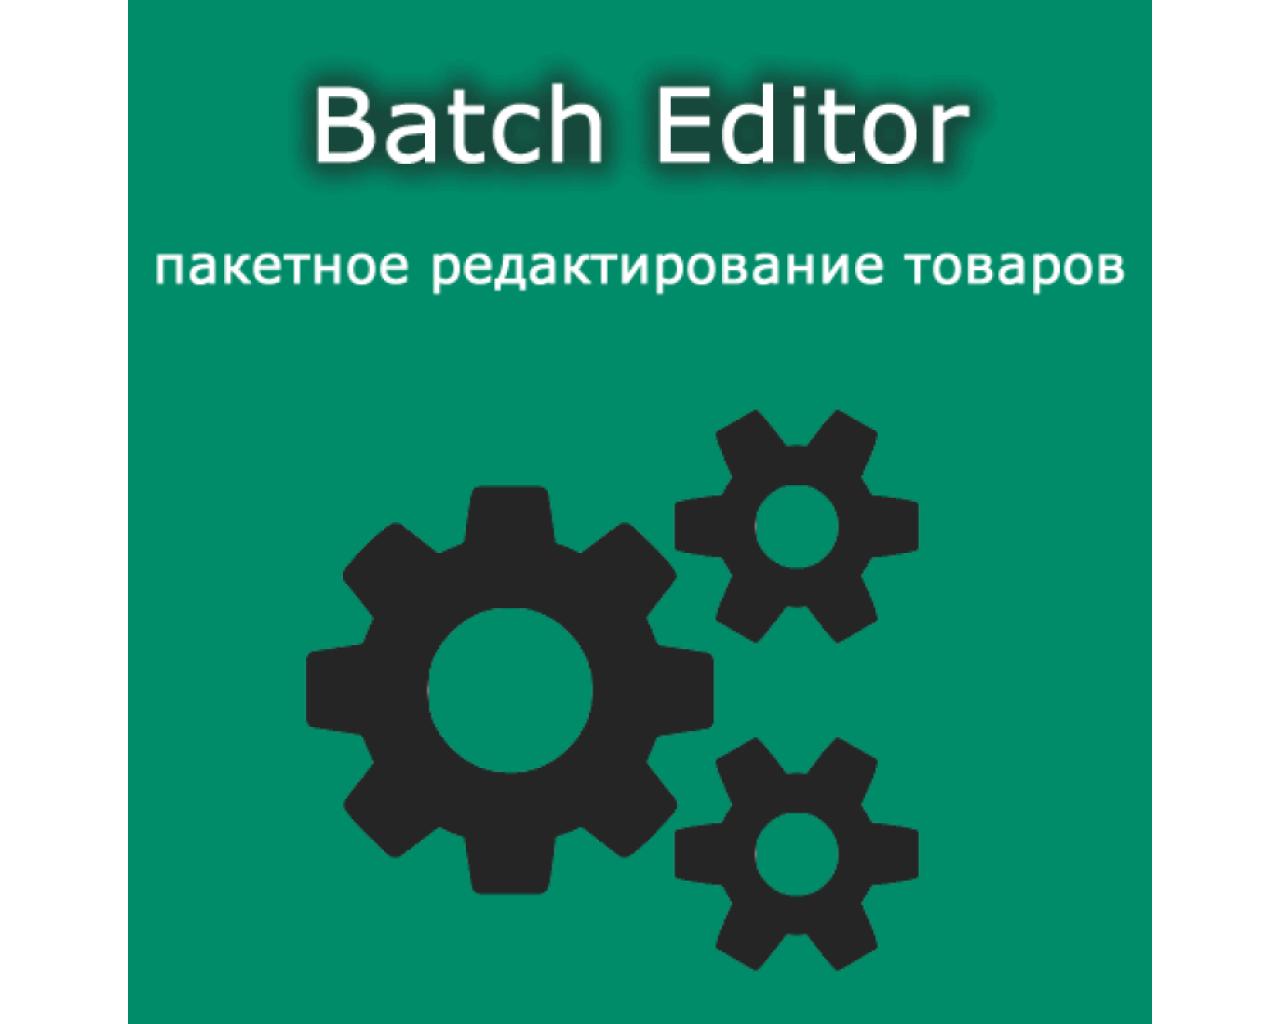 Batch Editor - пакетное редактирование товаров v0.4.8 + Настройки ProDelo